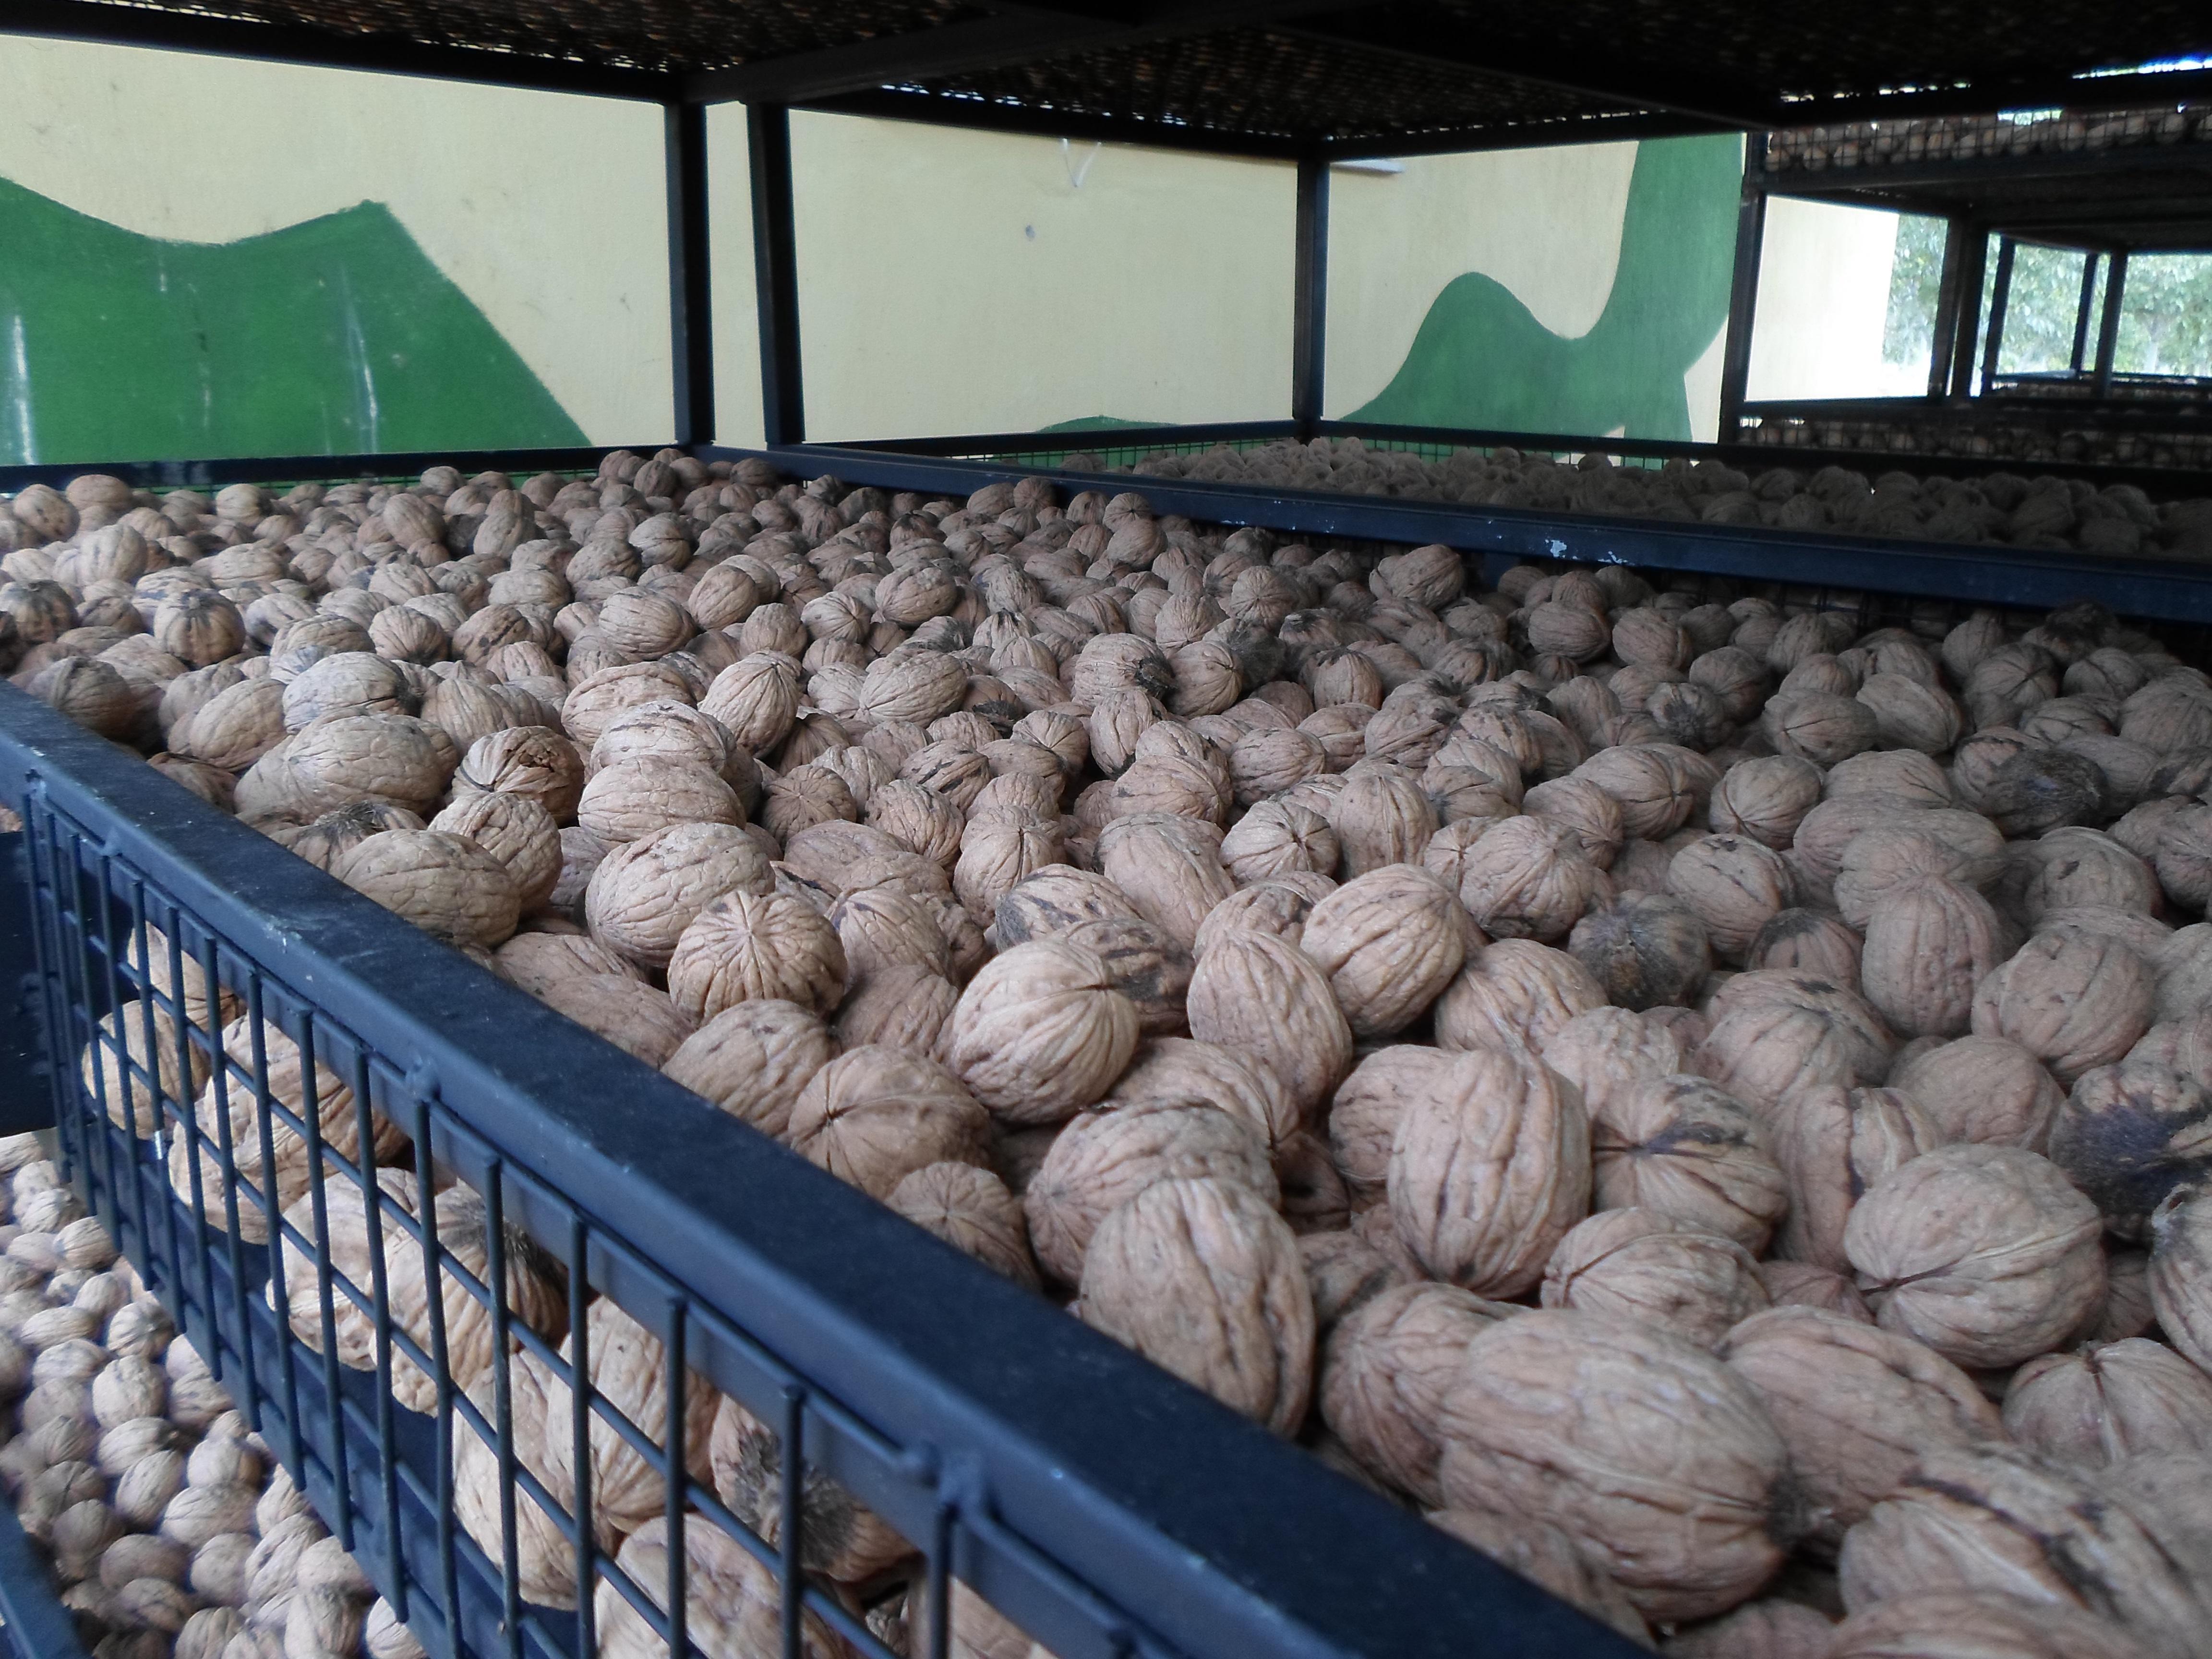 Ceviz - Üretici H. Hüseyin Sezgin 34 tl fiyat ile 1.000 kilogram chandler çeşidi ceviz satmak istiyor